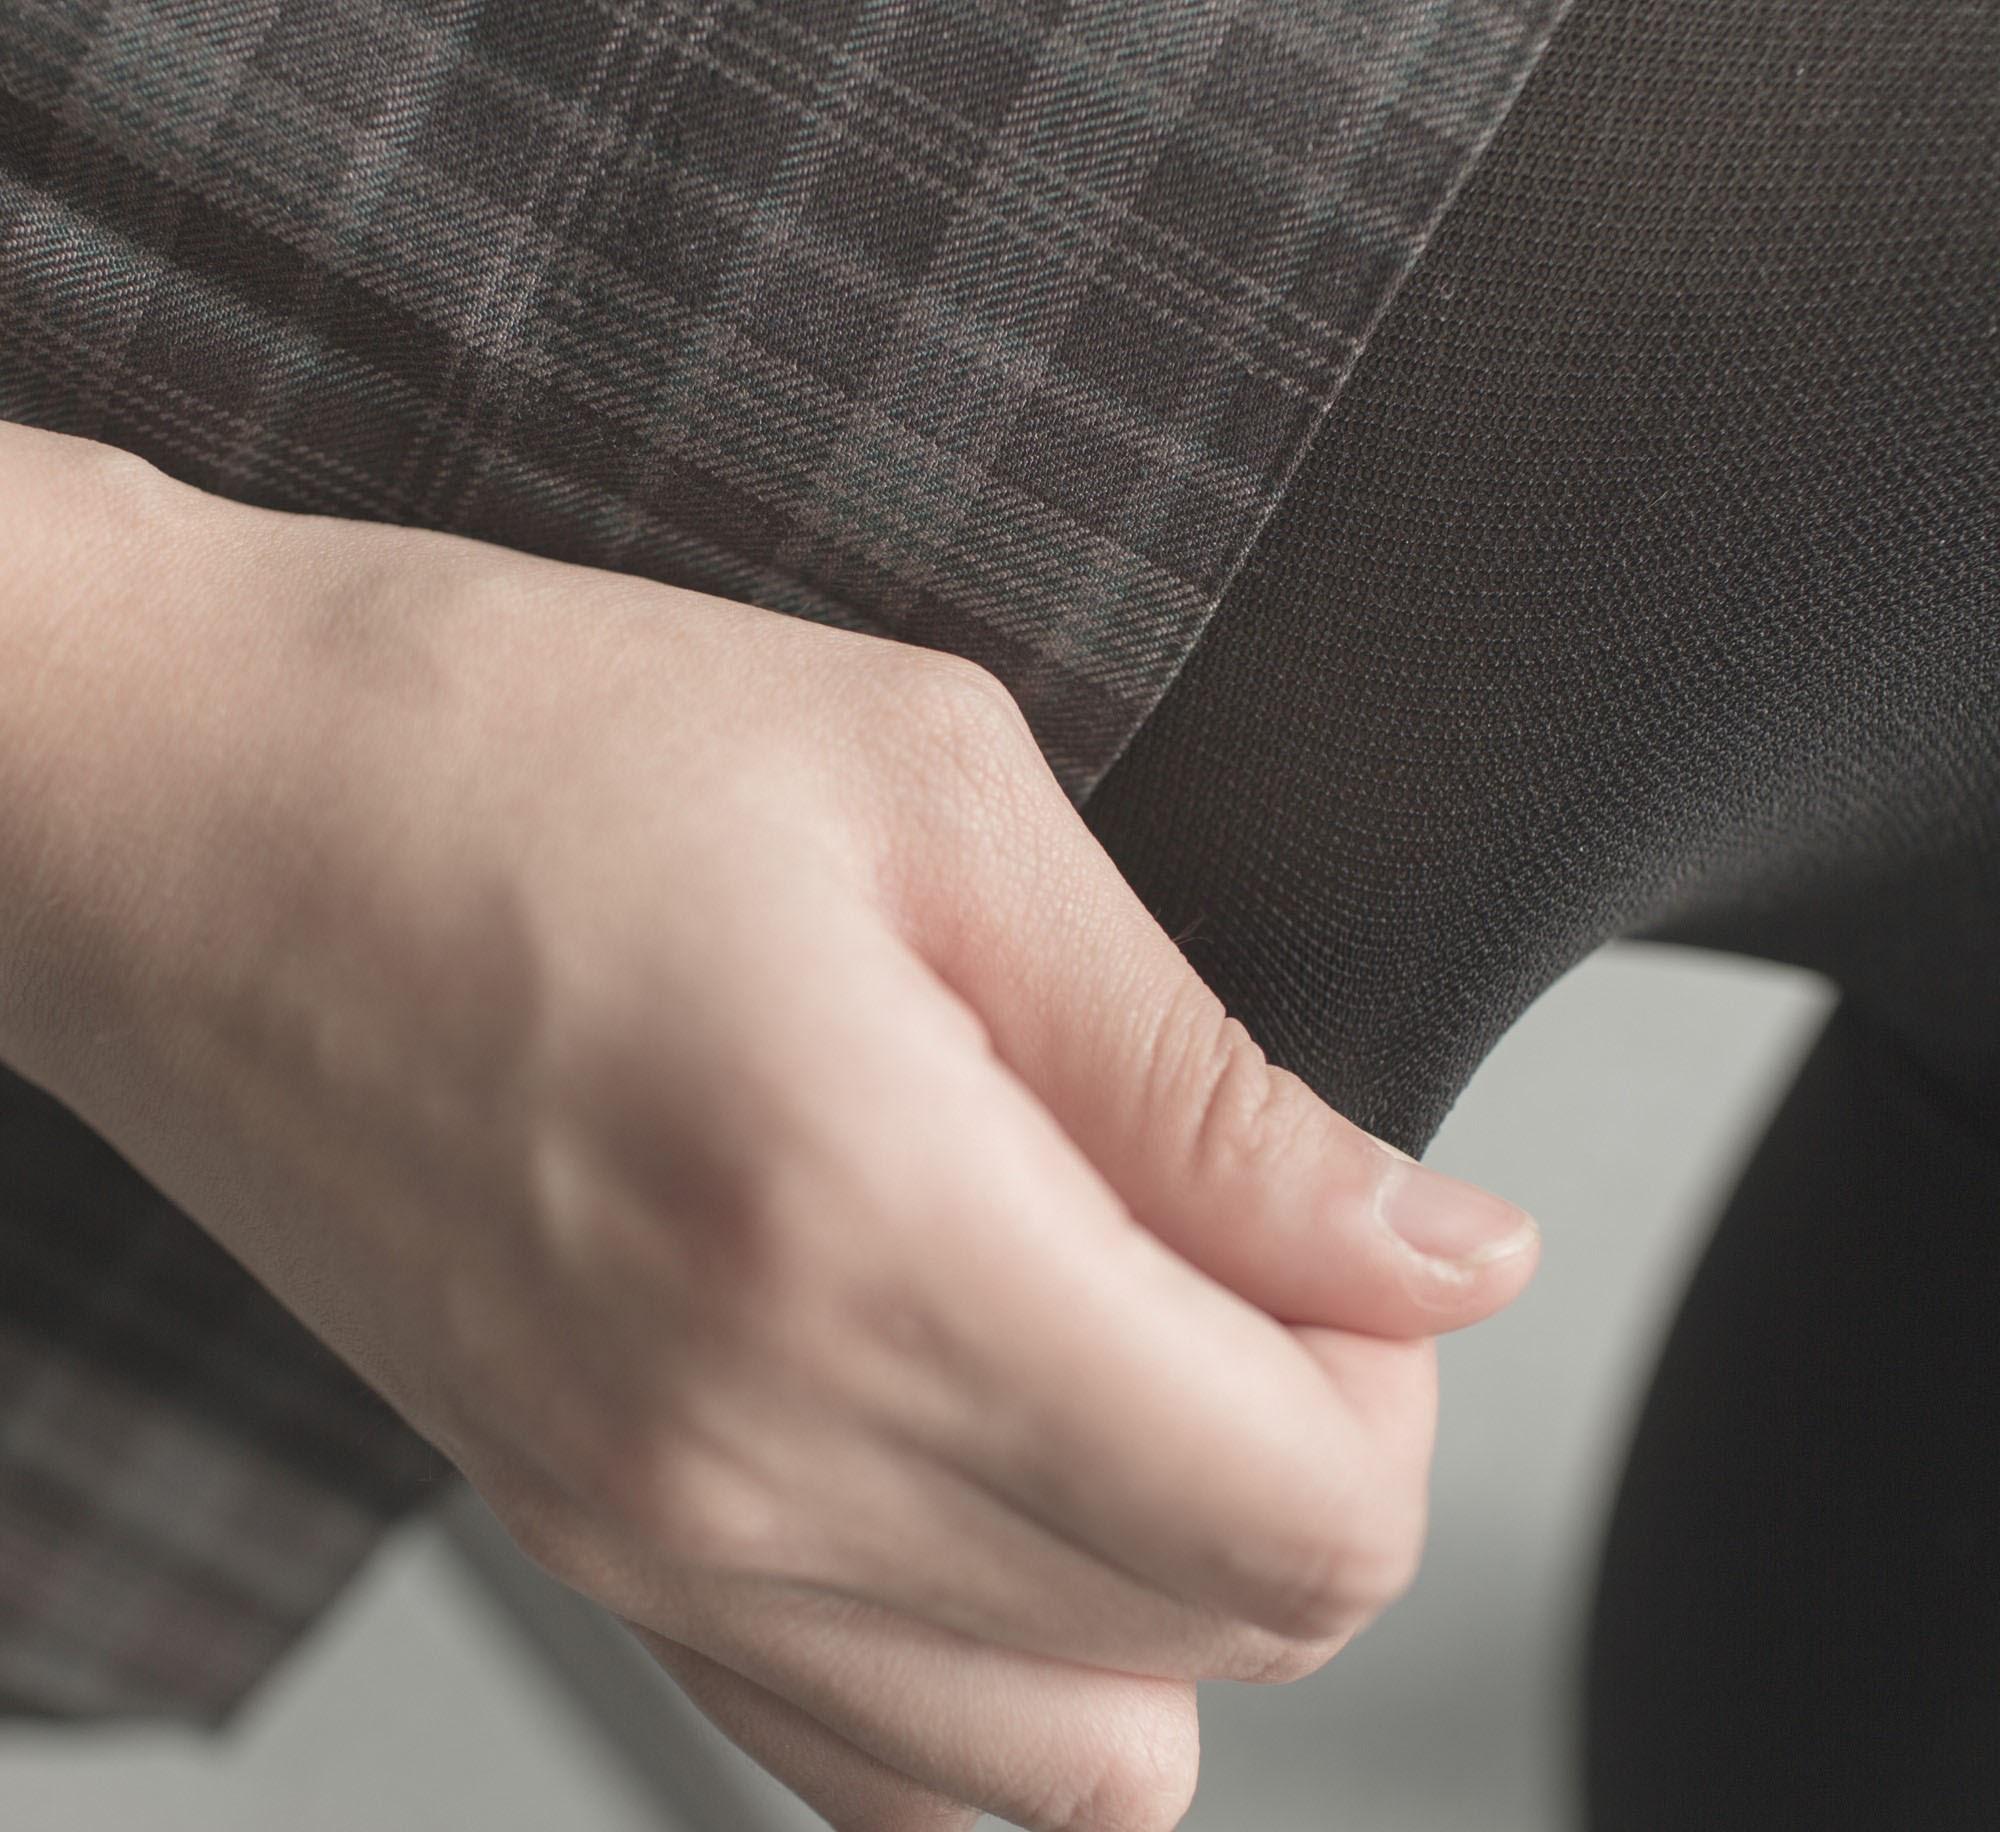 【兔玩映画】腿控福利-杂图集锦 兔玩映画 第24张